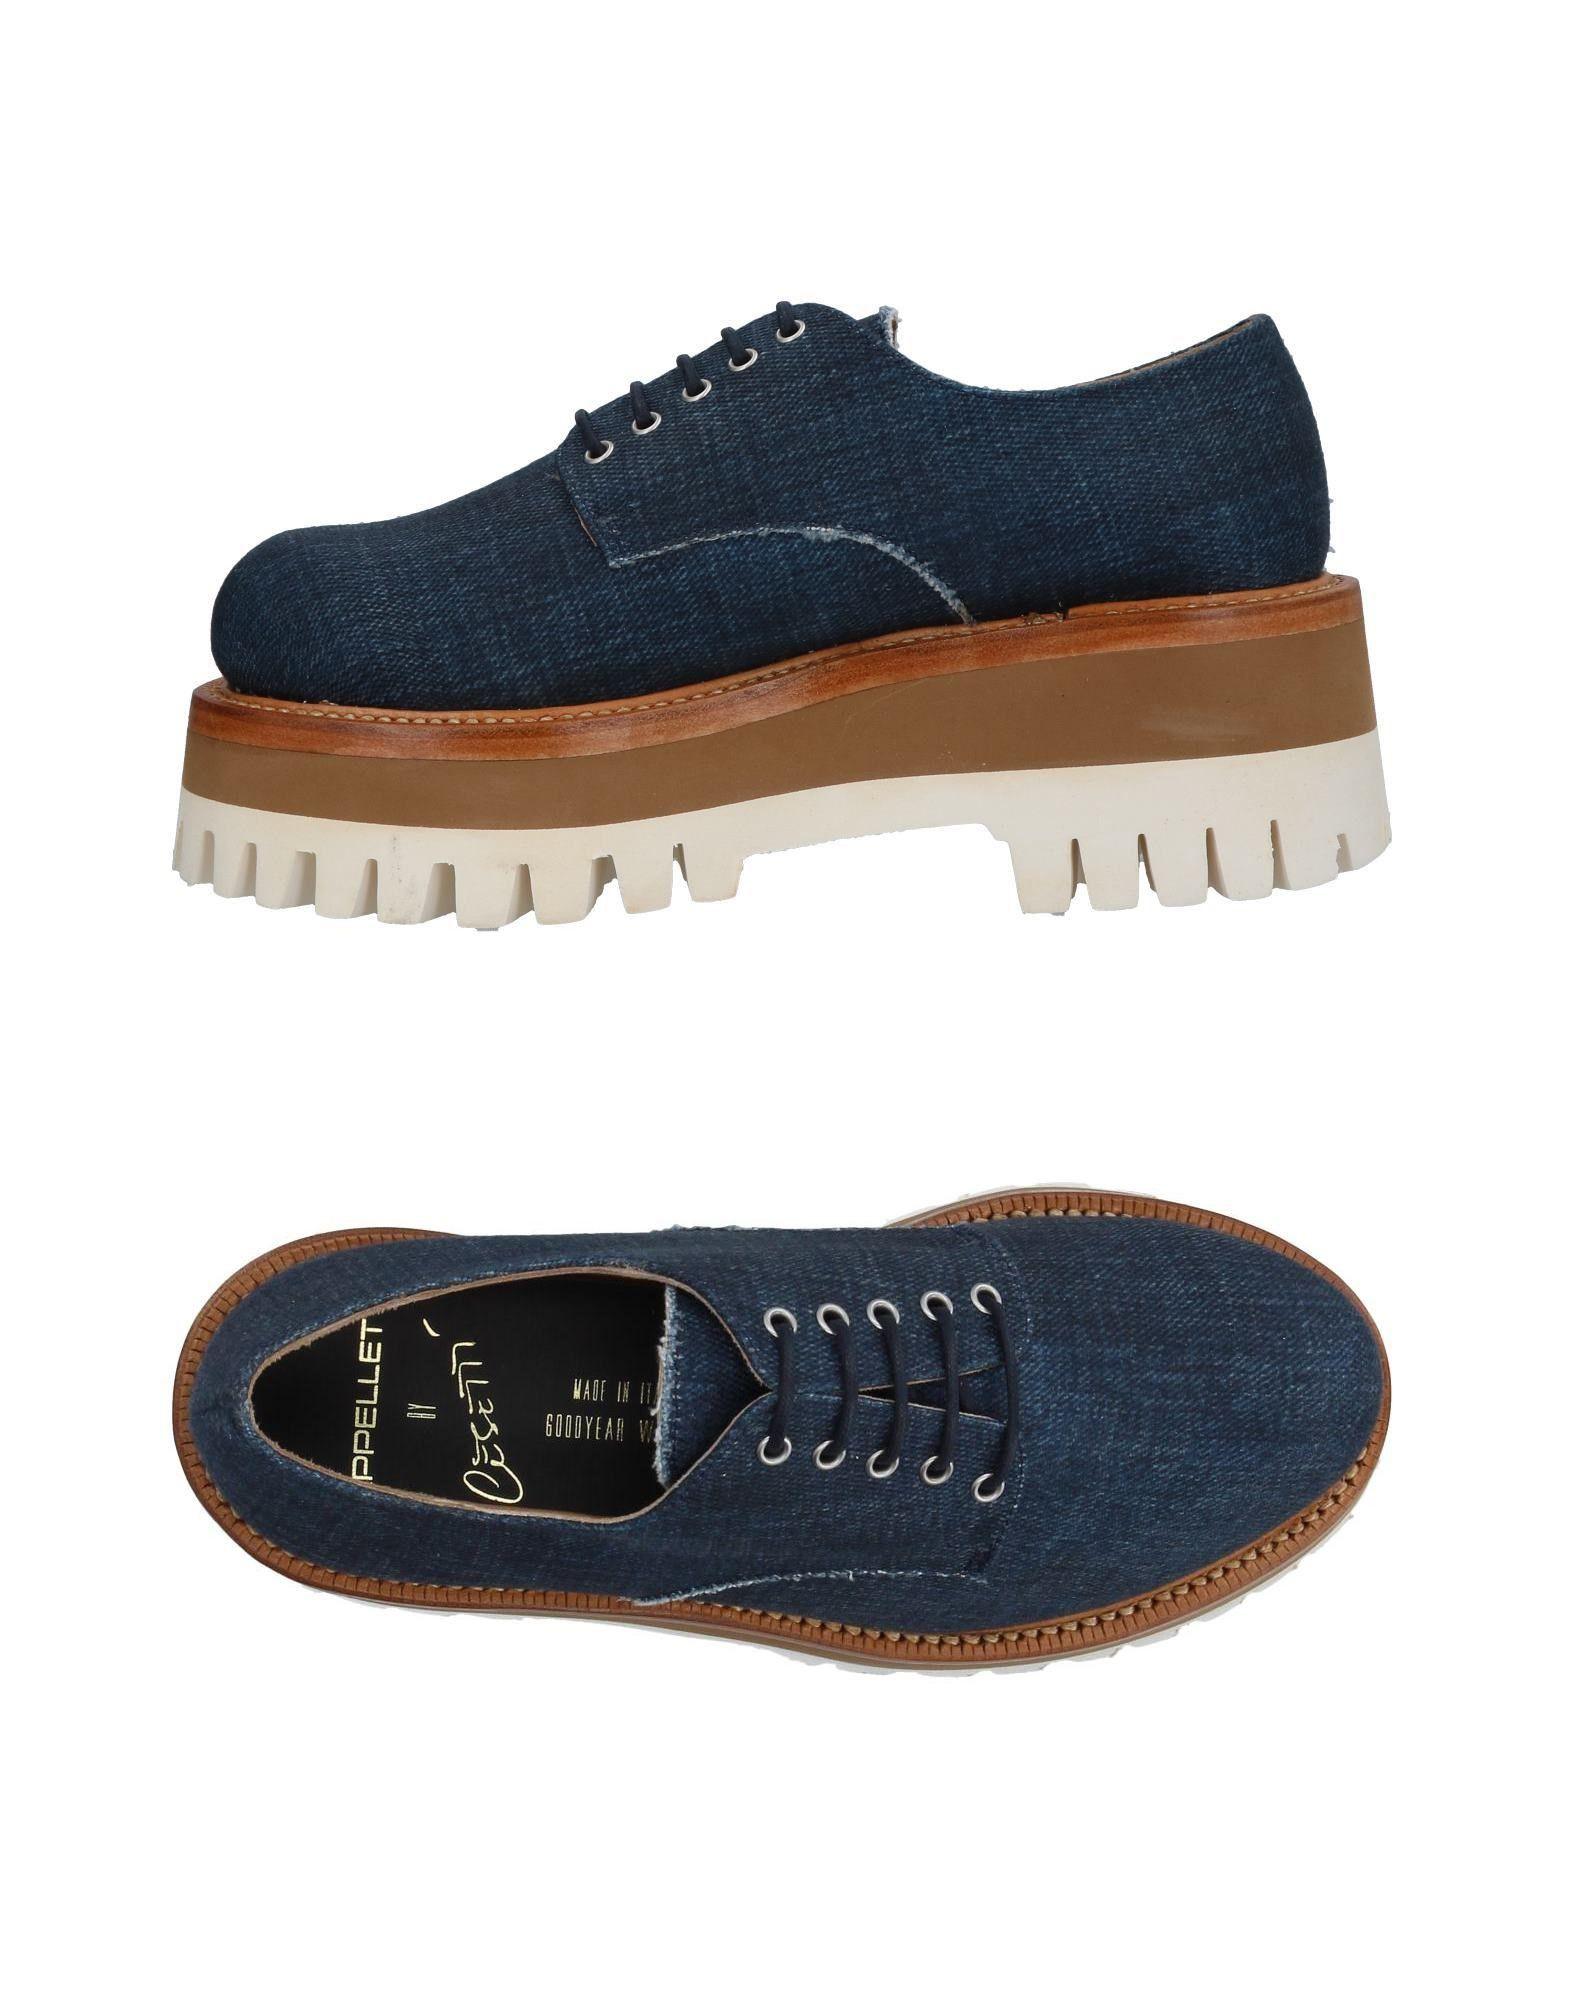 CAPPELLETTI Обувь на шнурках первый внутри обувь обувь обувь обувь обувь обувь обувь обувь обувь 8a2549